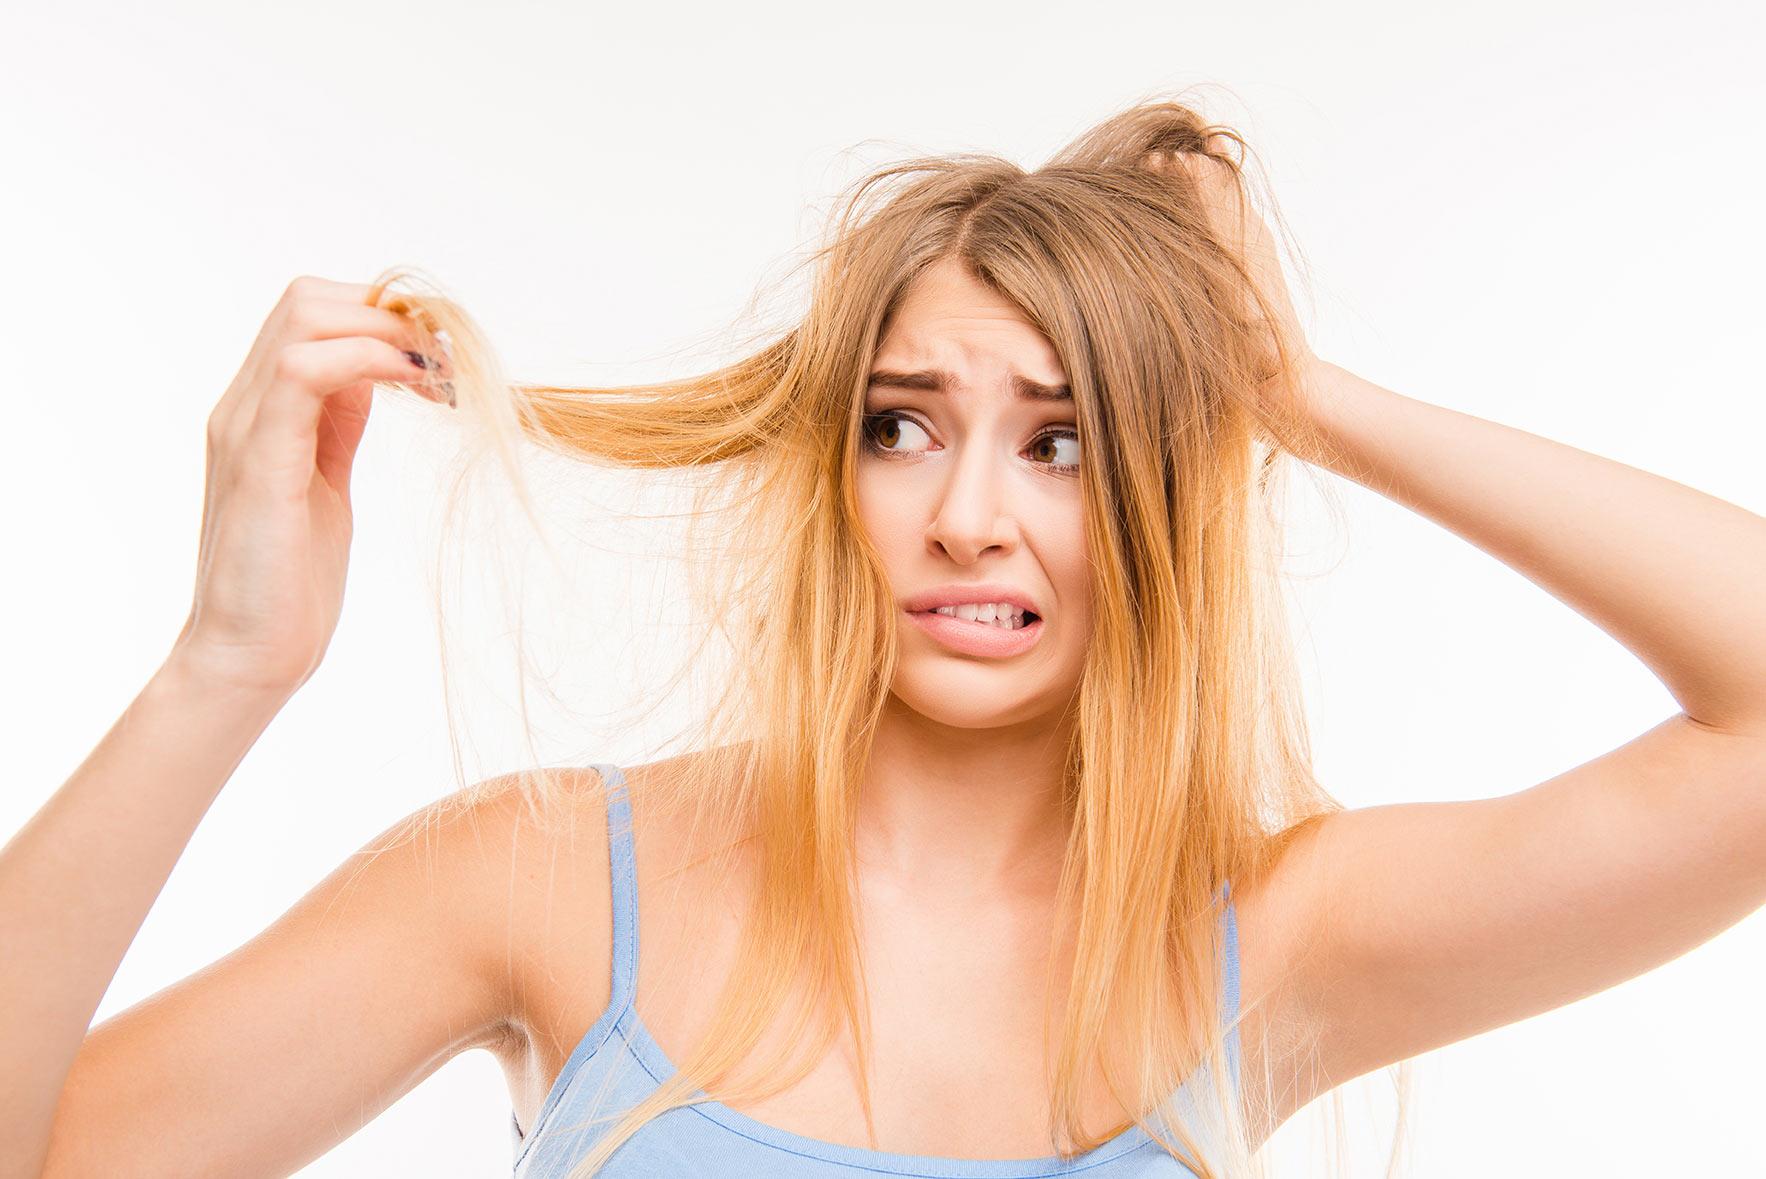 切れ毛がひどいのは髪のダメージが原因ではない?本当の原因とは?のサムネイル画像